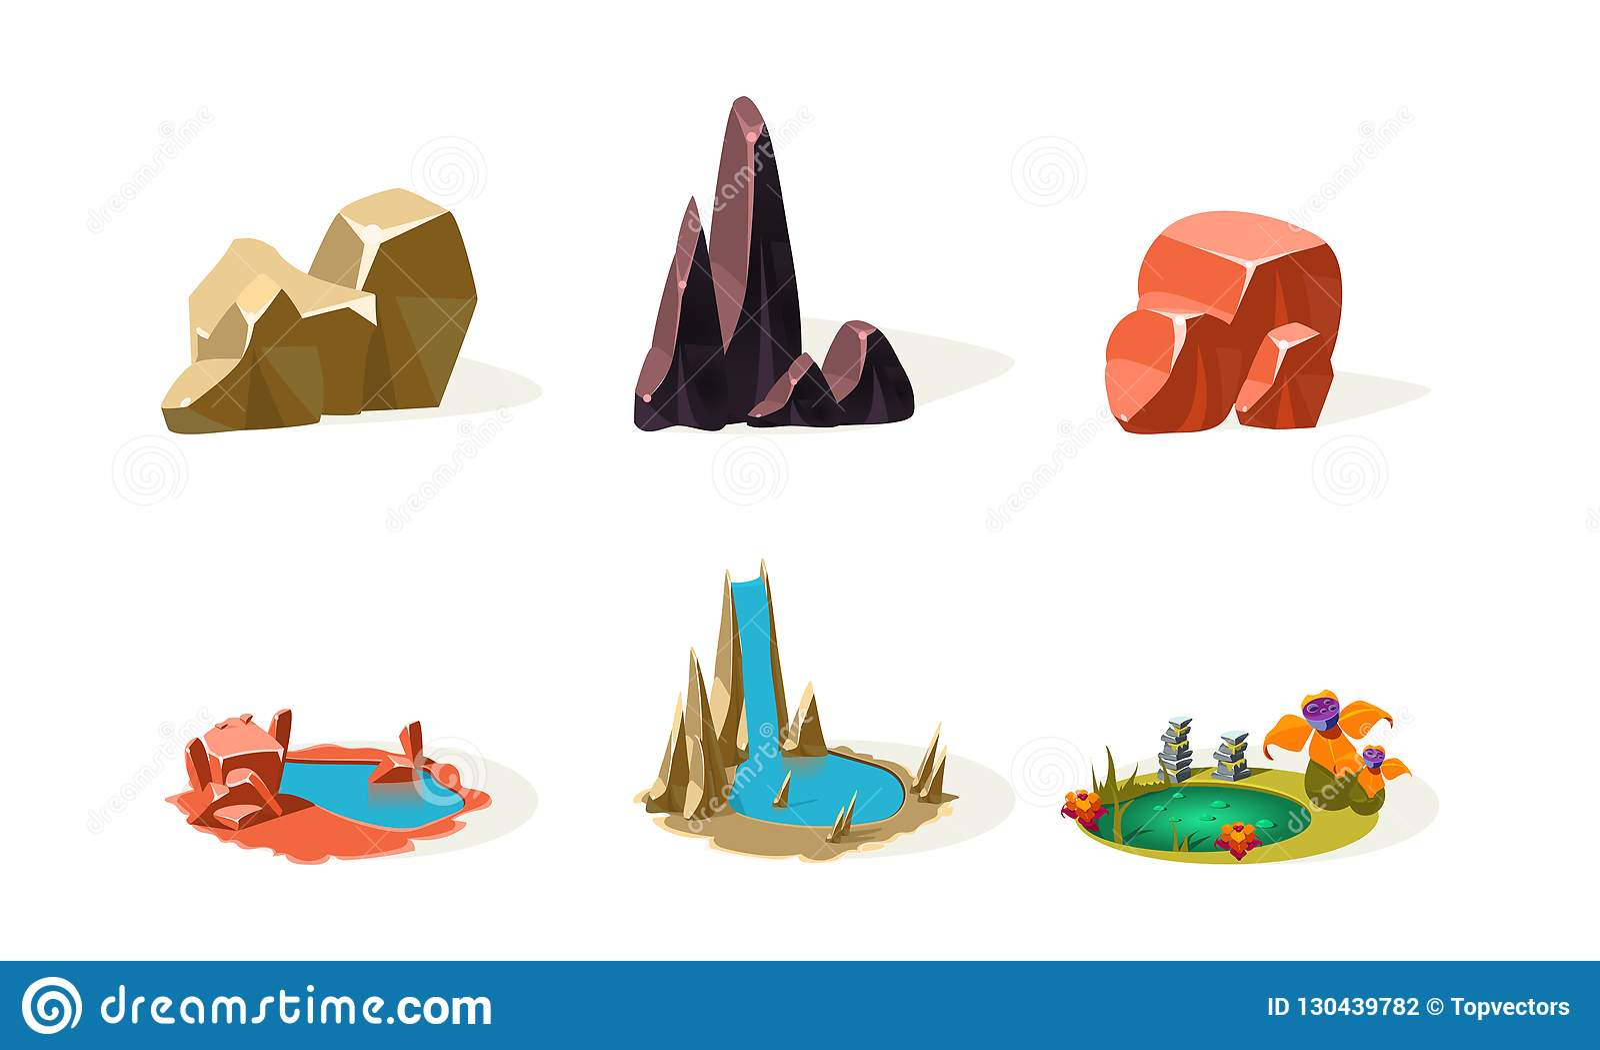 Piedras de la roca, lagos, cascada, elementos del paisaje natural, activos de la interfaz de usuario para el app móvil o vector d